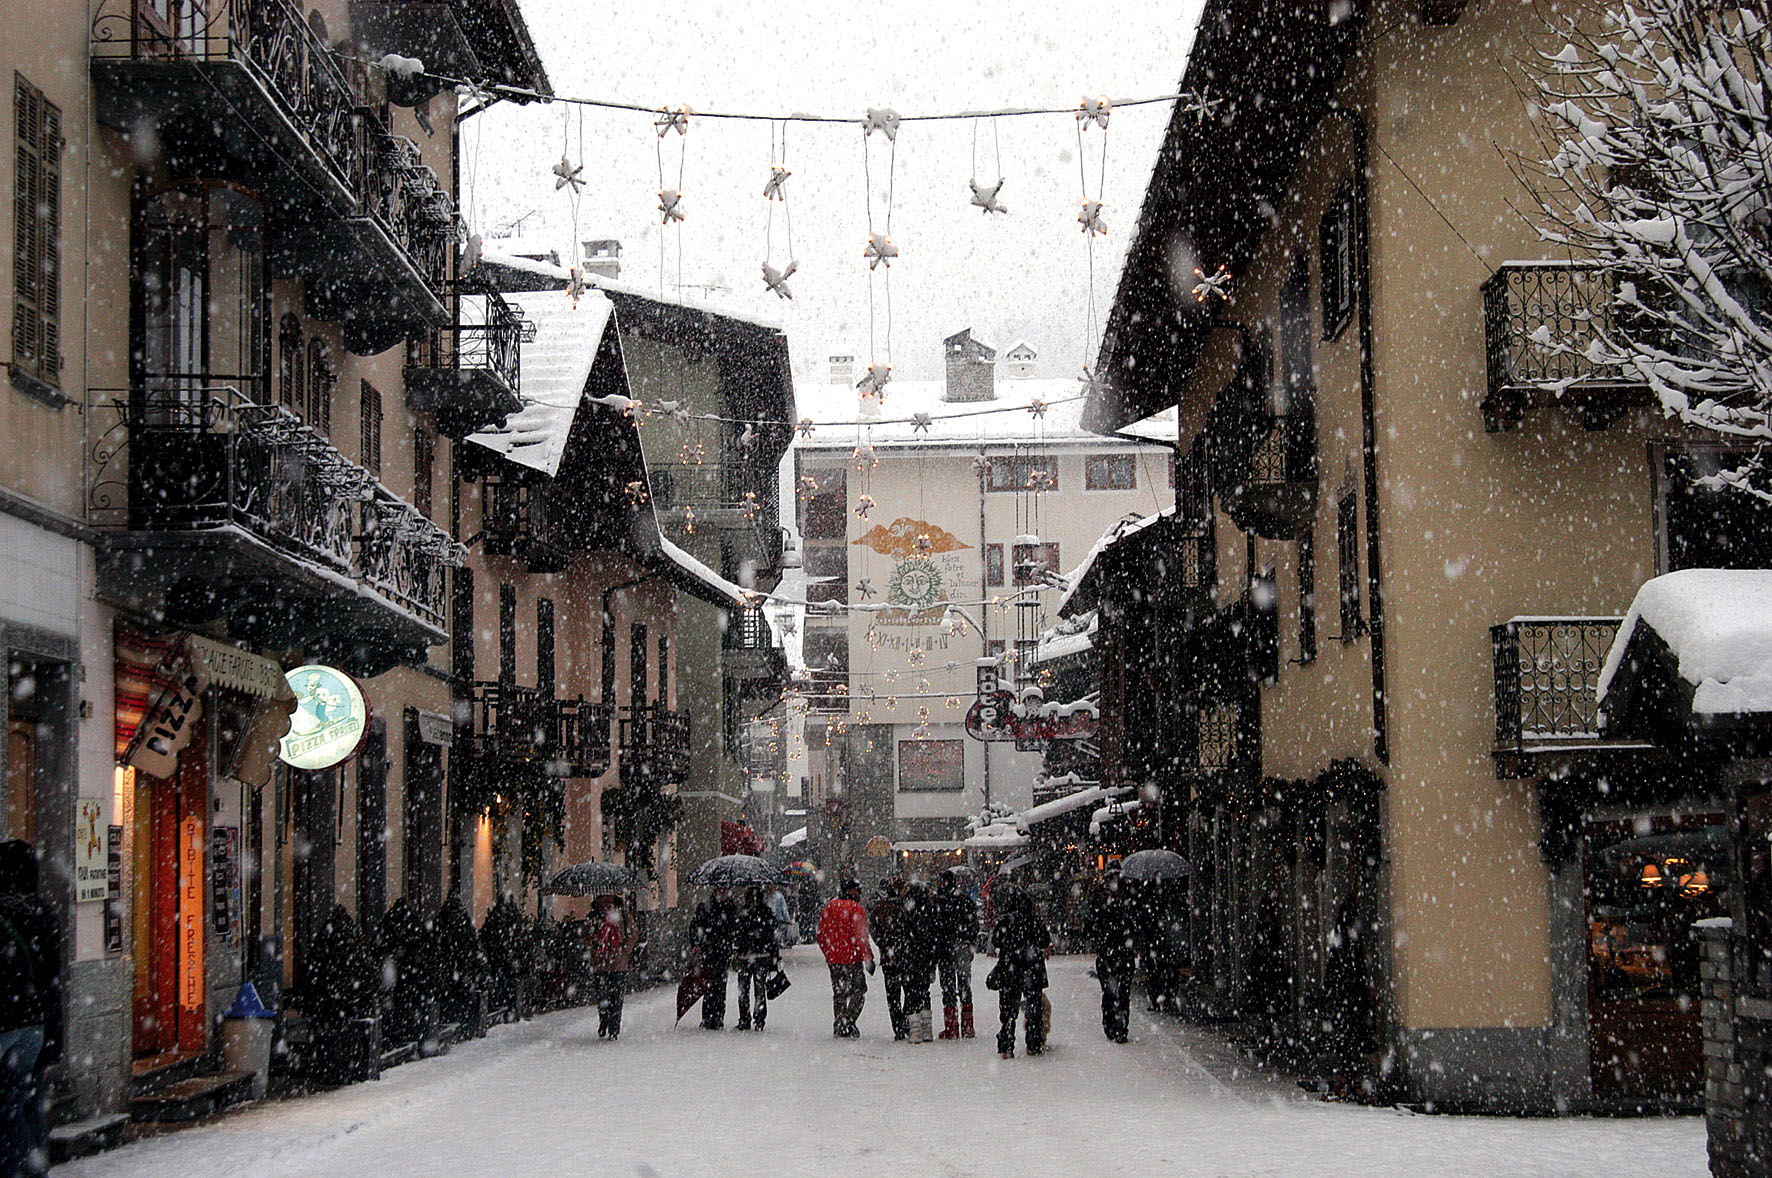 Via Roma inverno 1 - Pedastrian area in winter 1